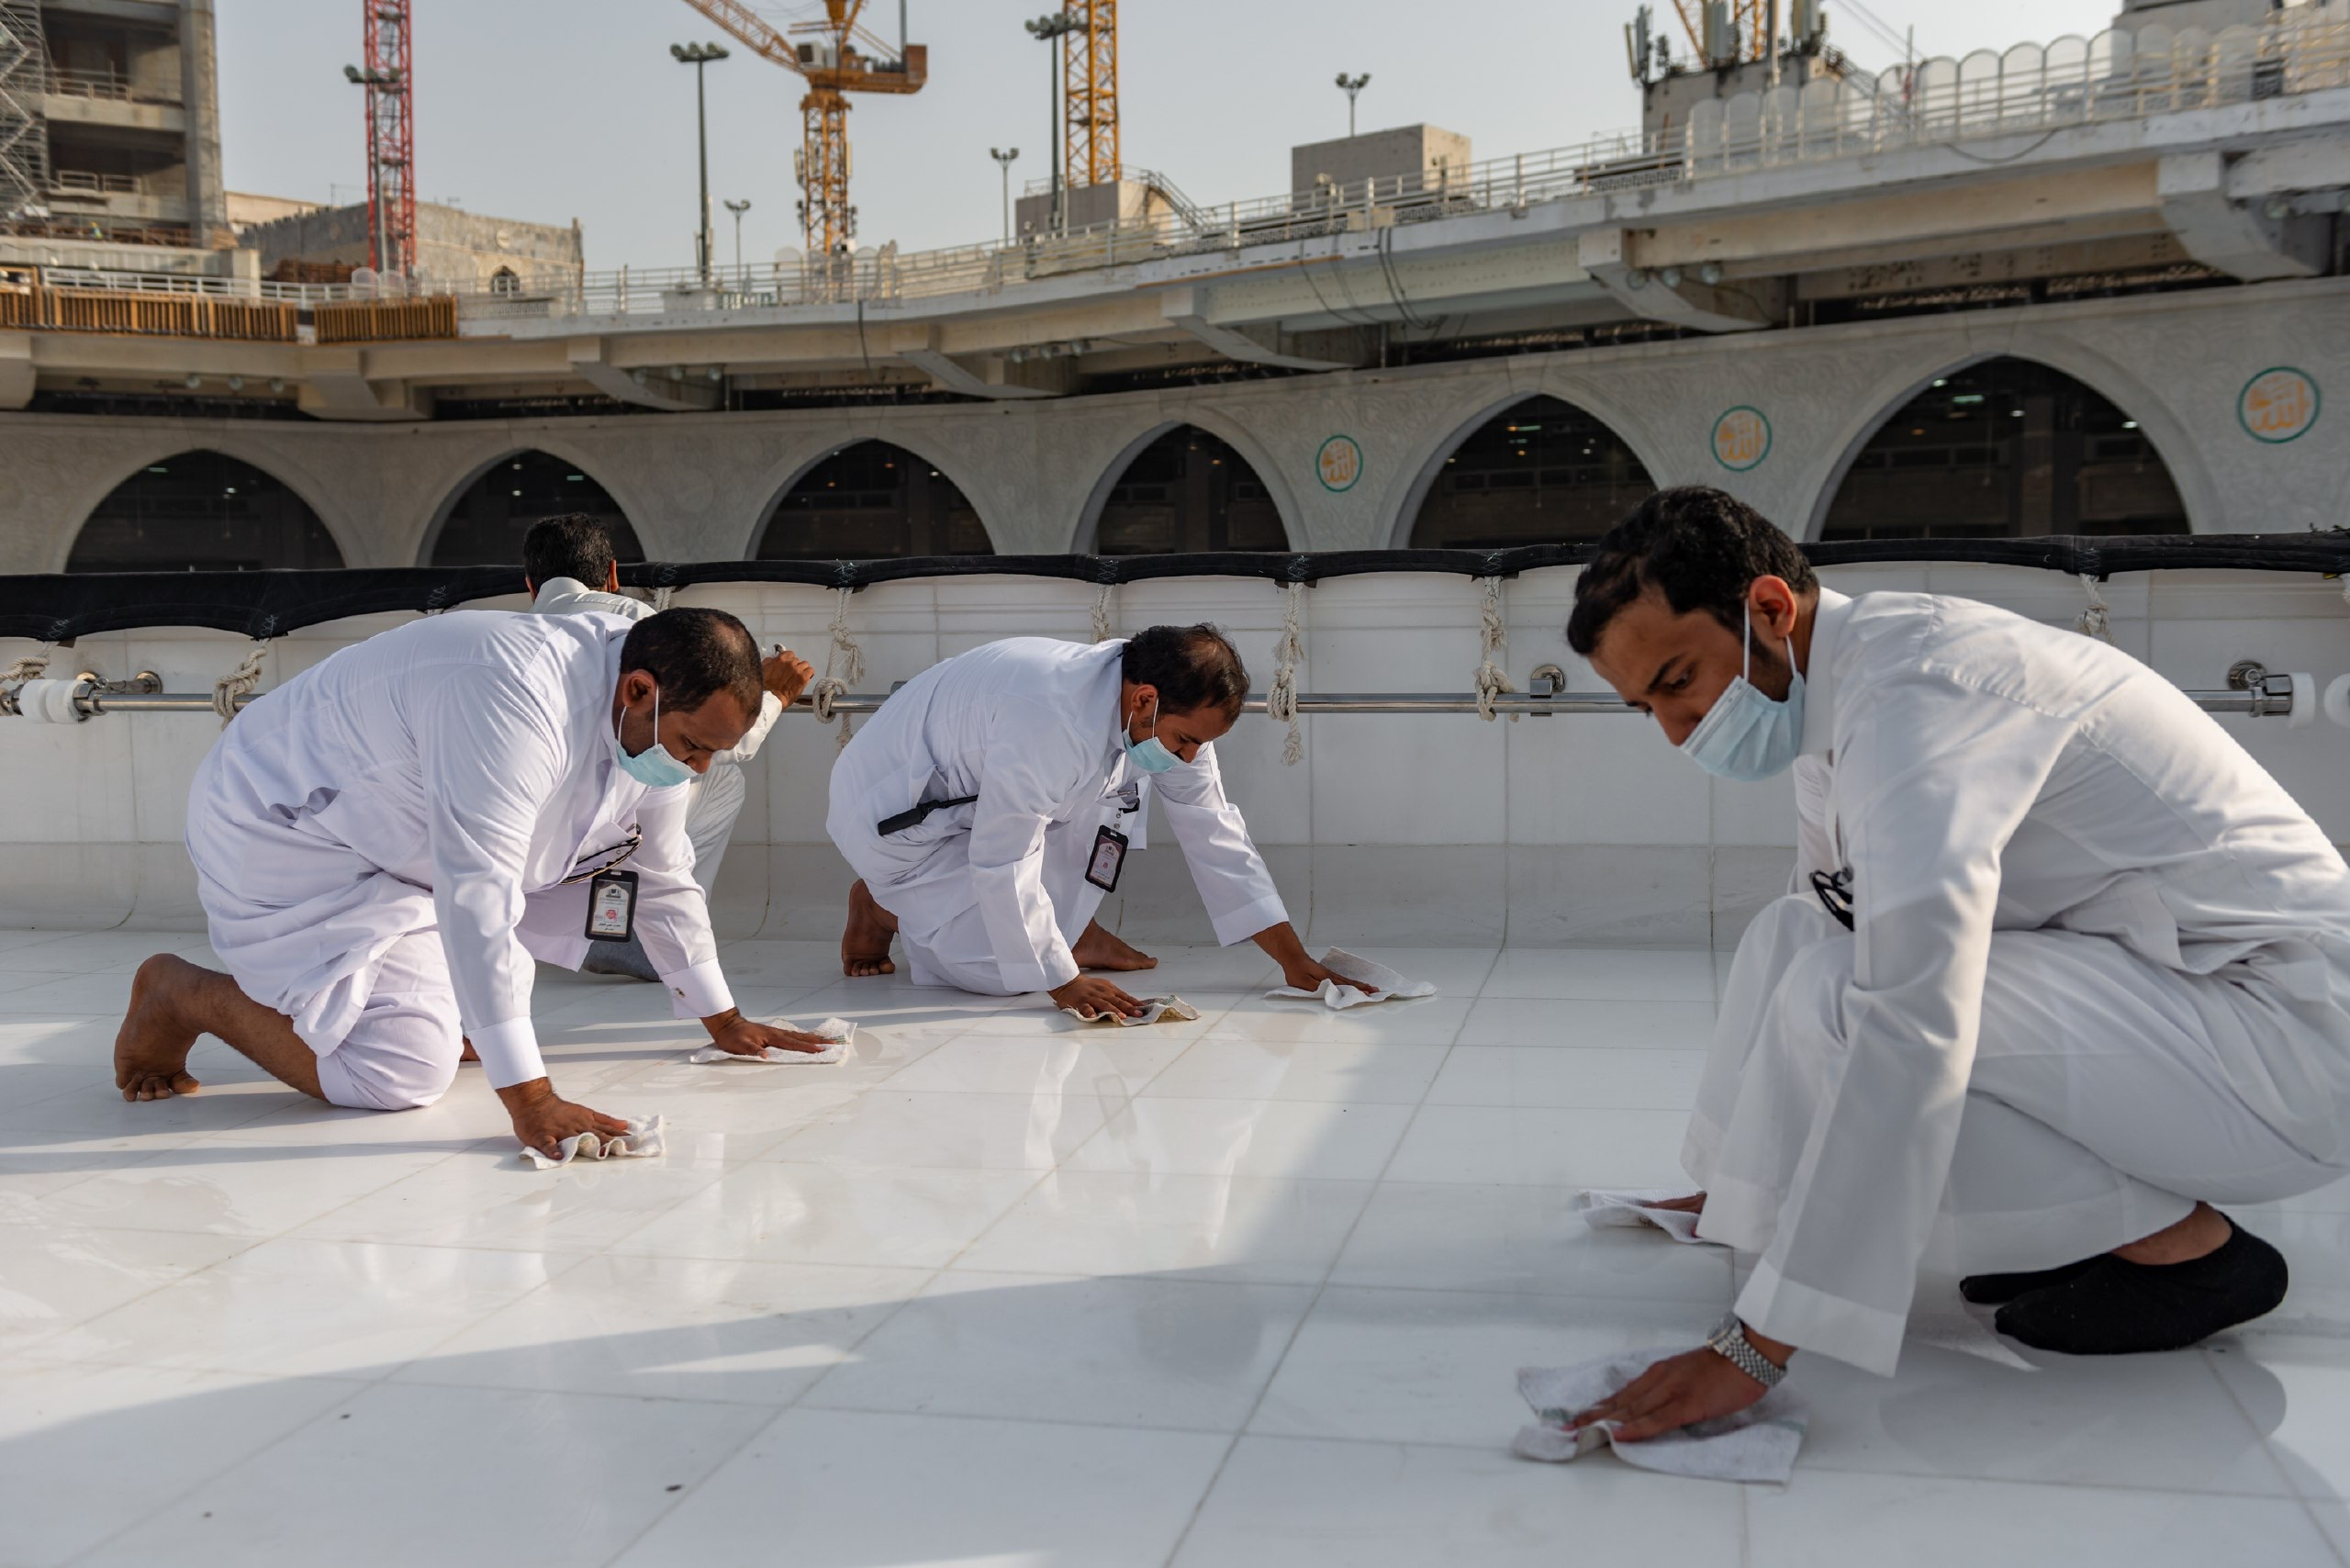 فريق سعودي مختص بتنظيف سطح الكعبة المشرفة خلال 40 دقيقة (4)